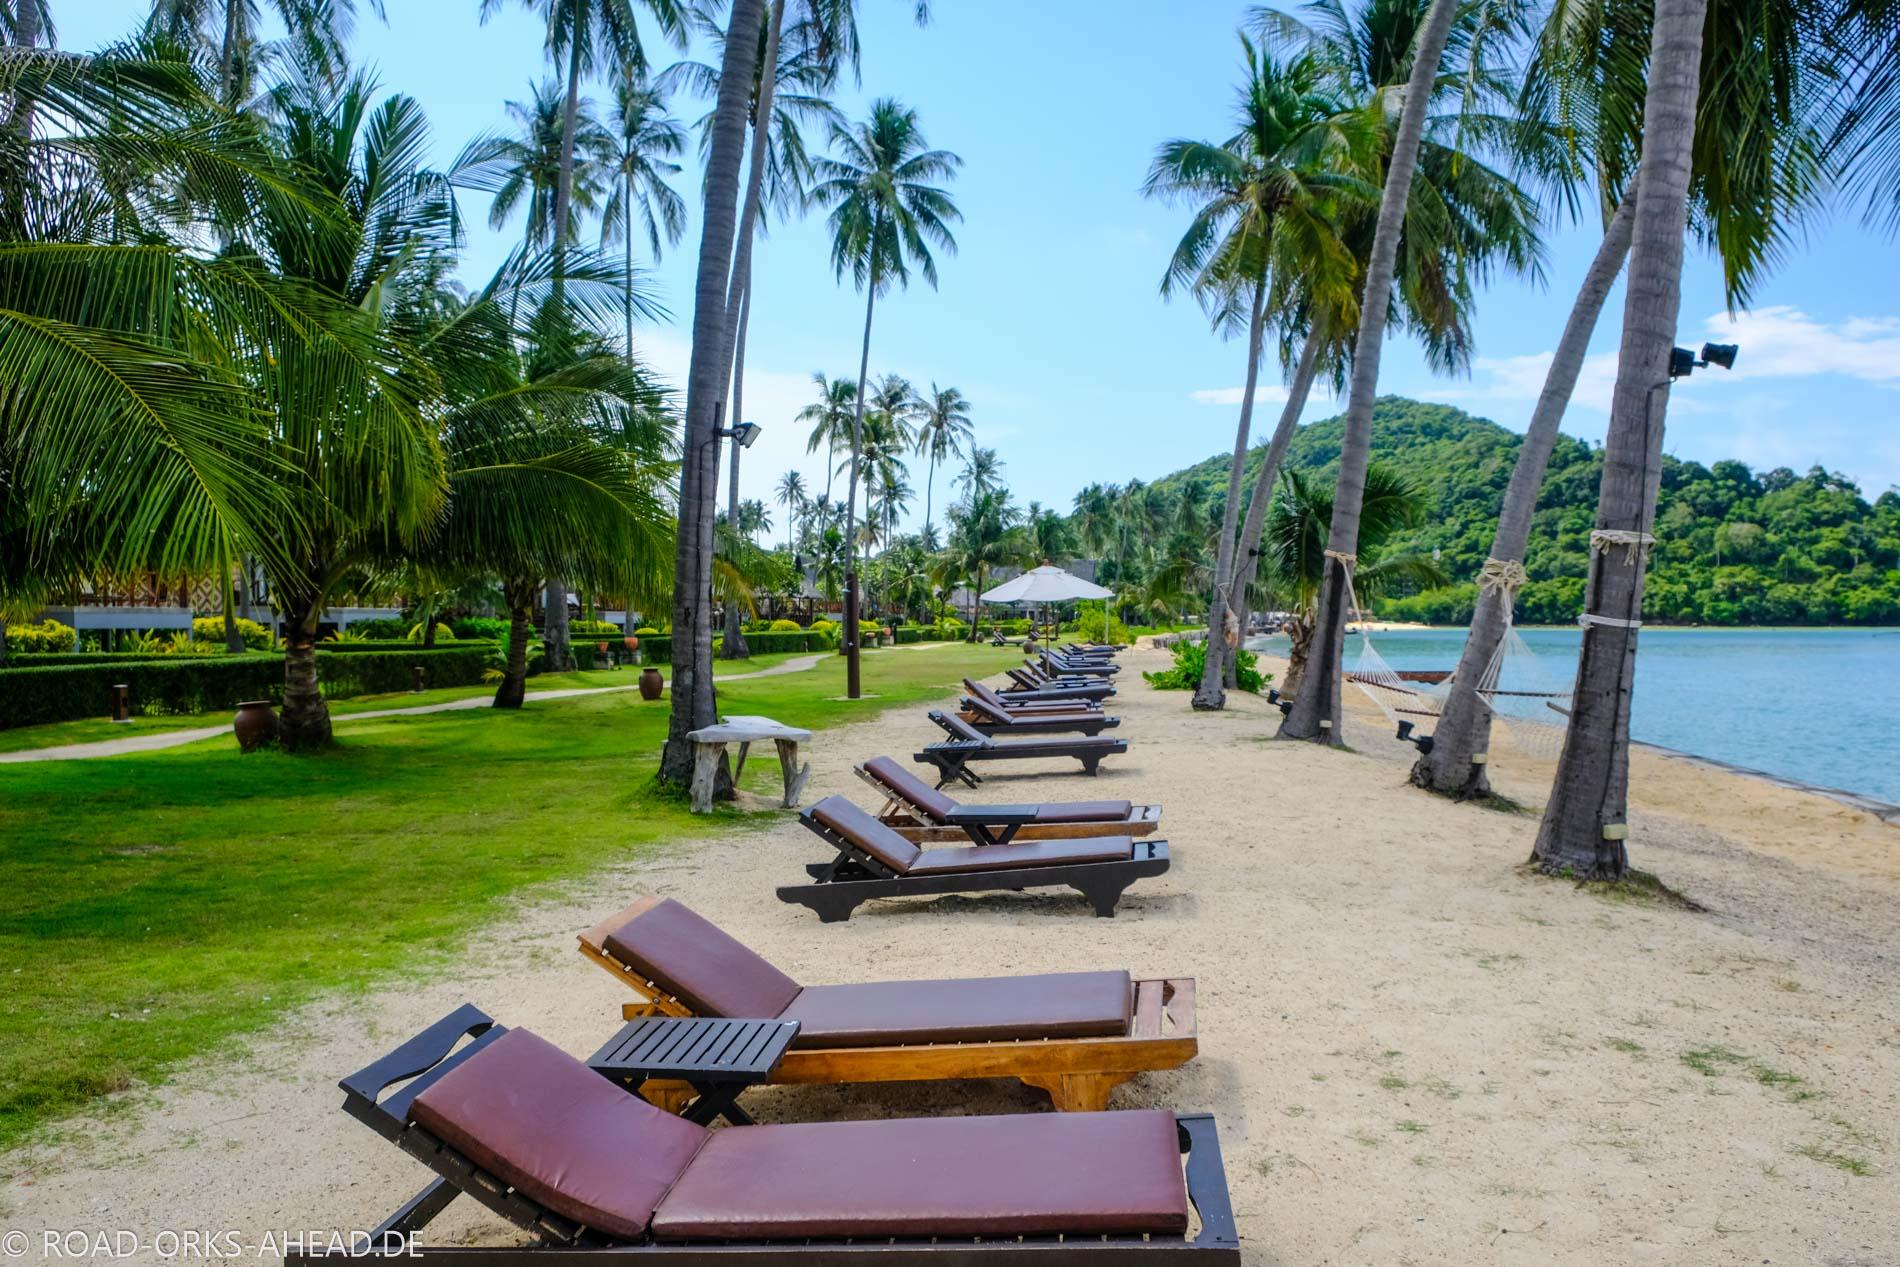 Leeres Resort zur freien Verfügung